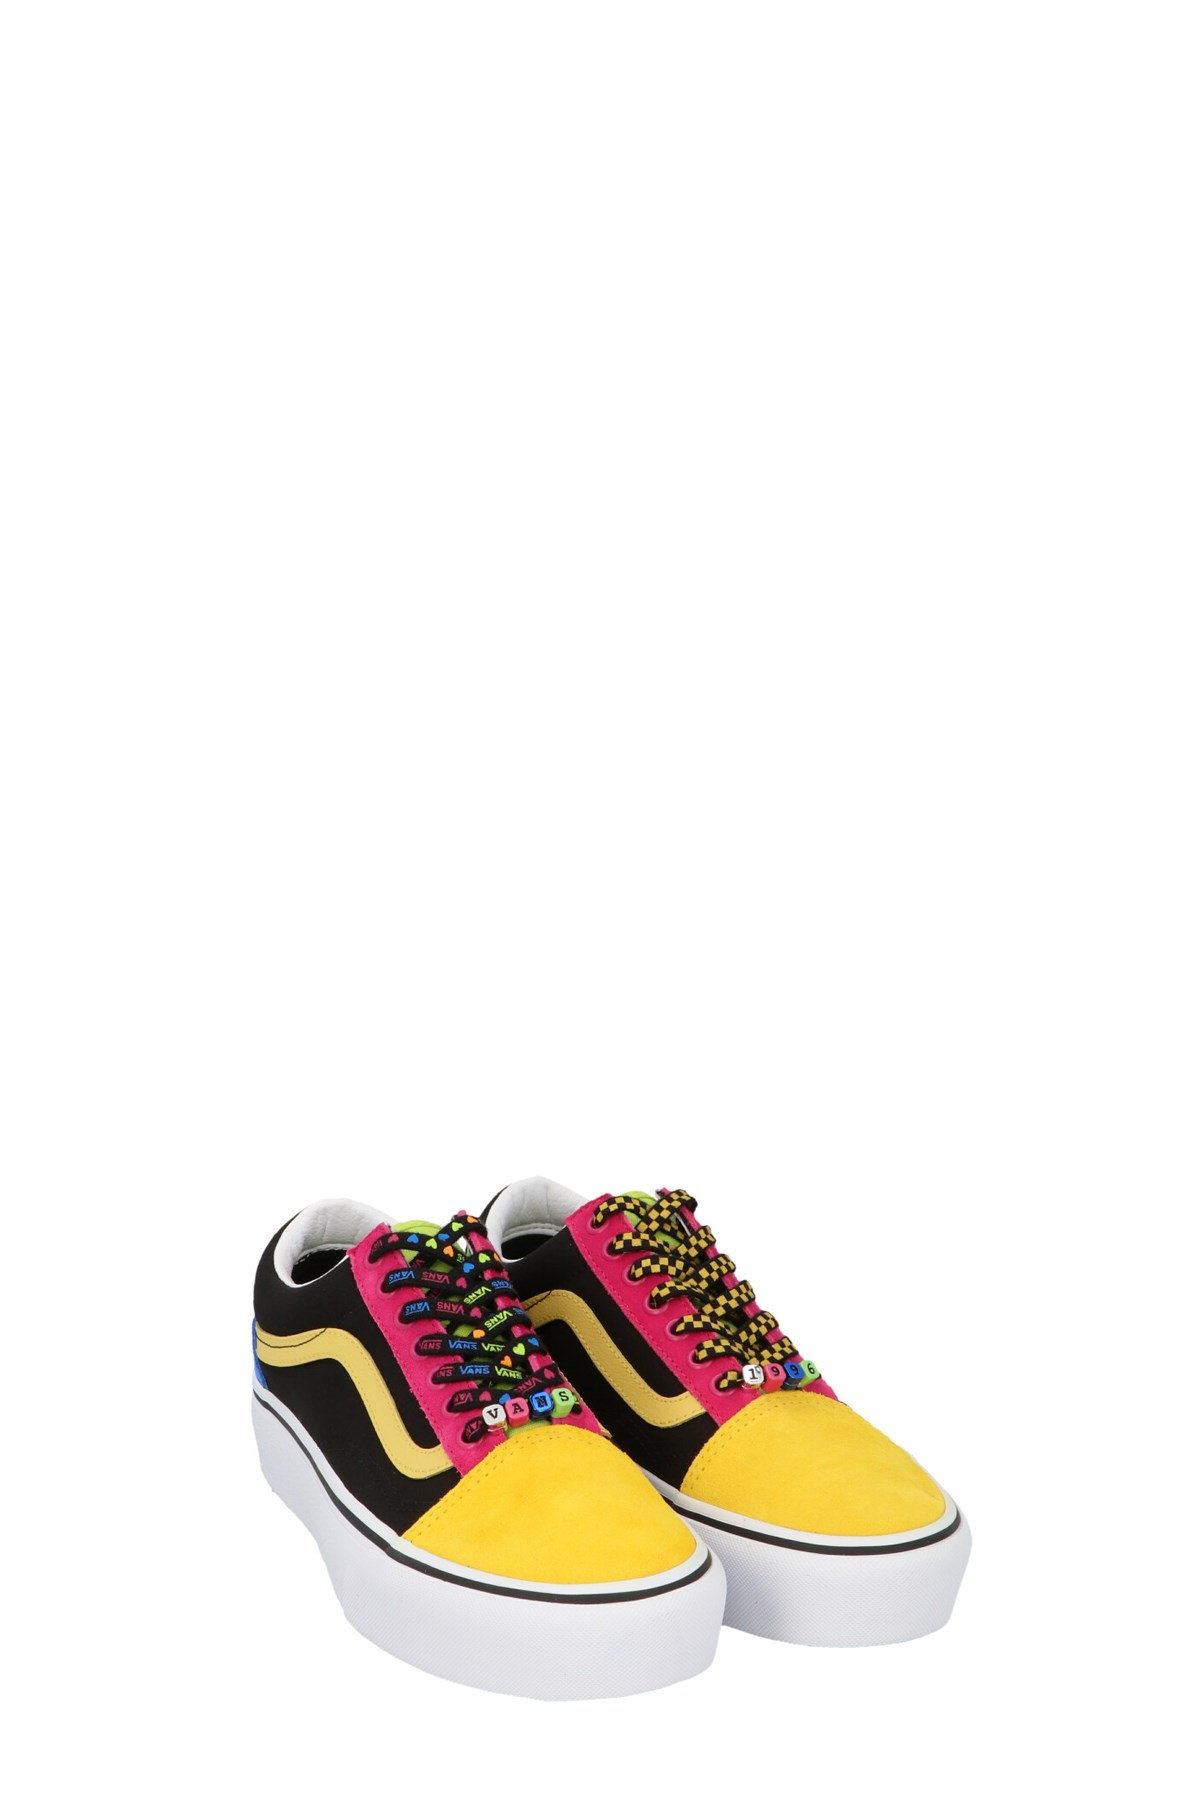 vans 'Old skool platform' sneakers